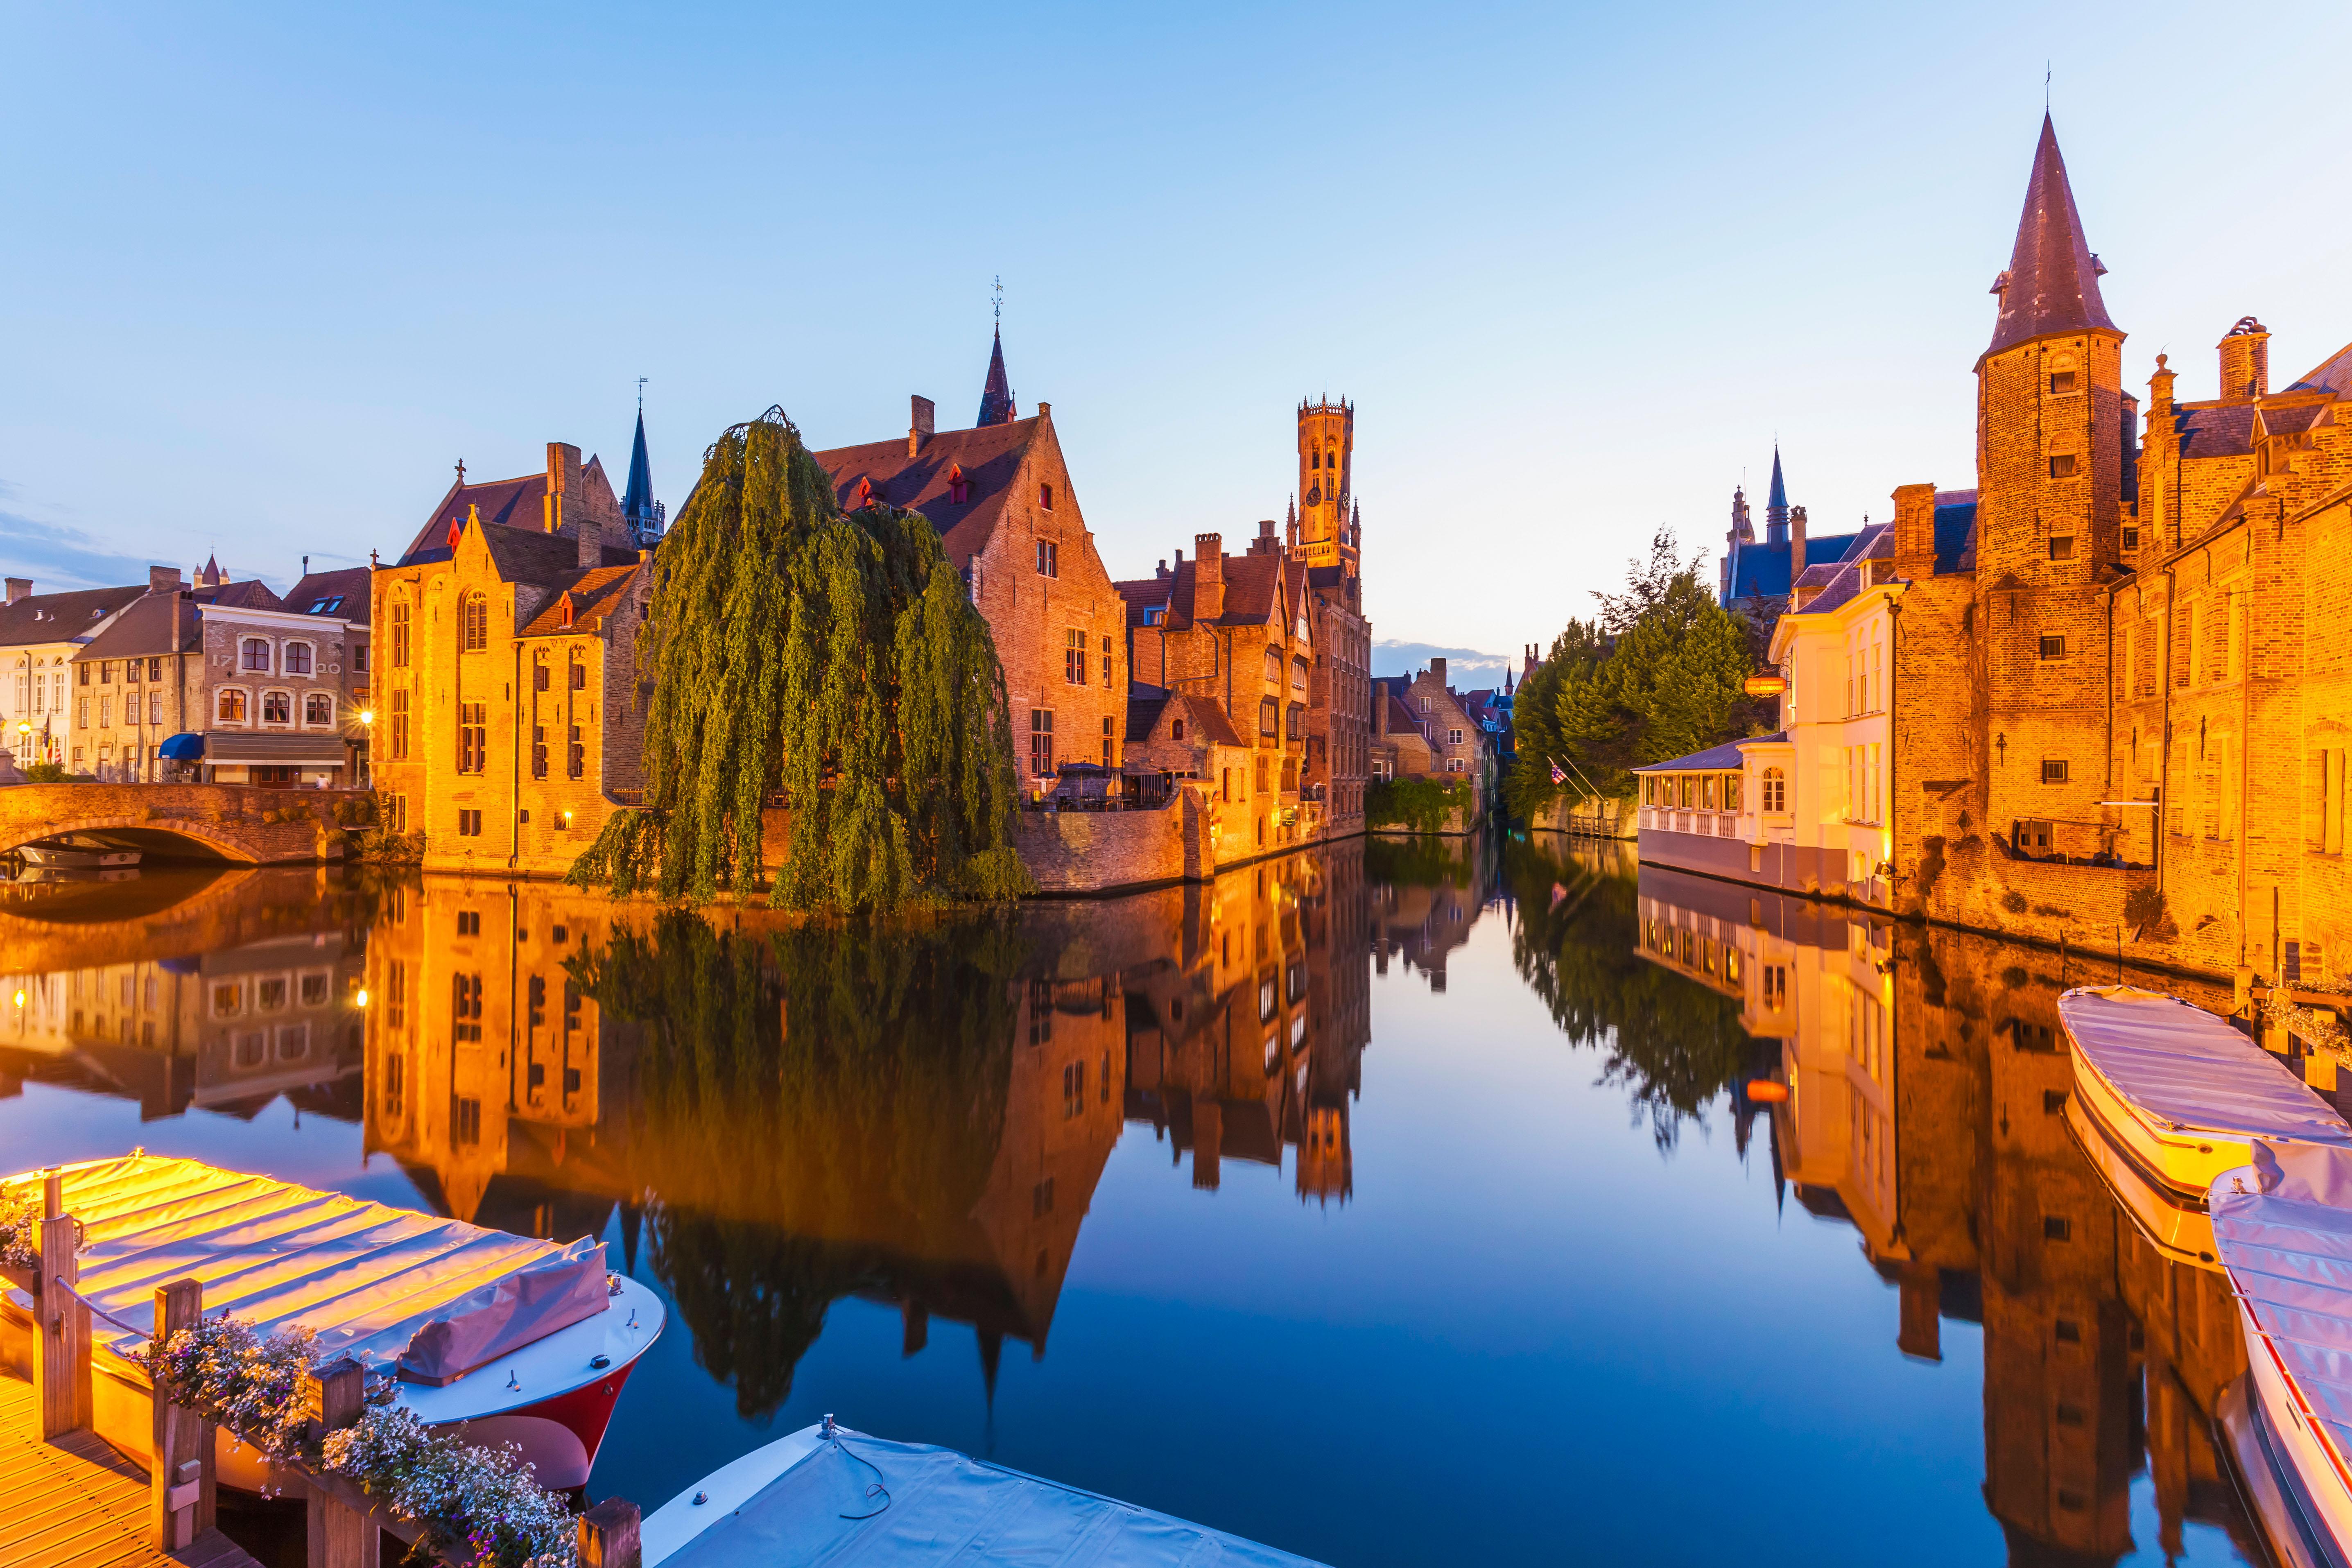 romantic destination bruges belgium